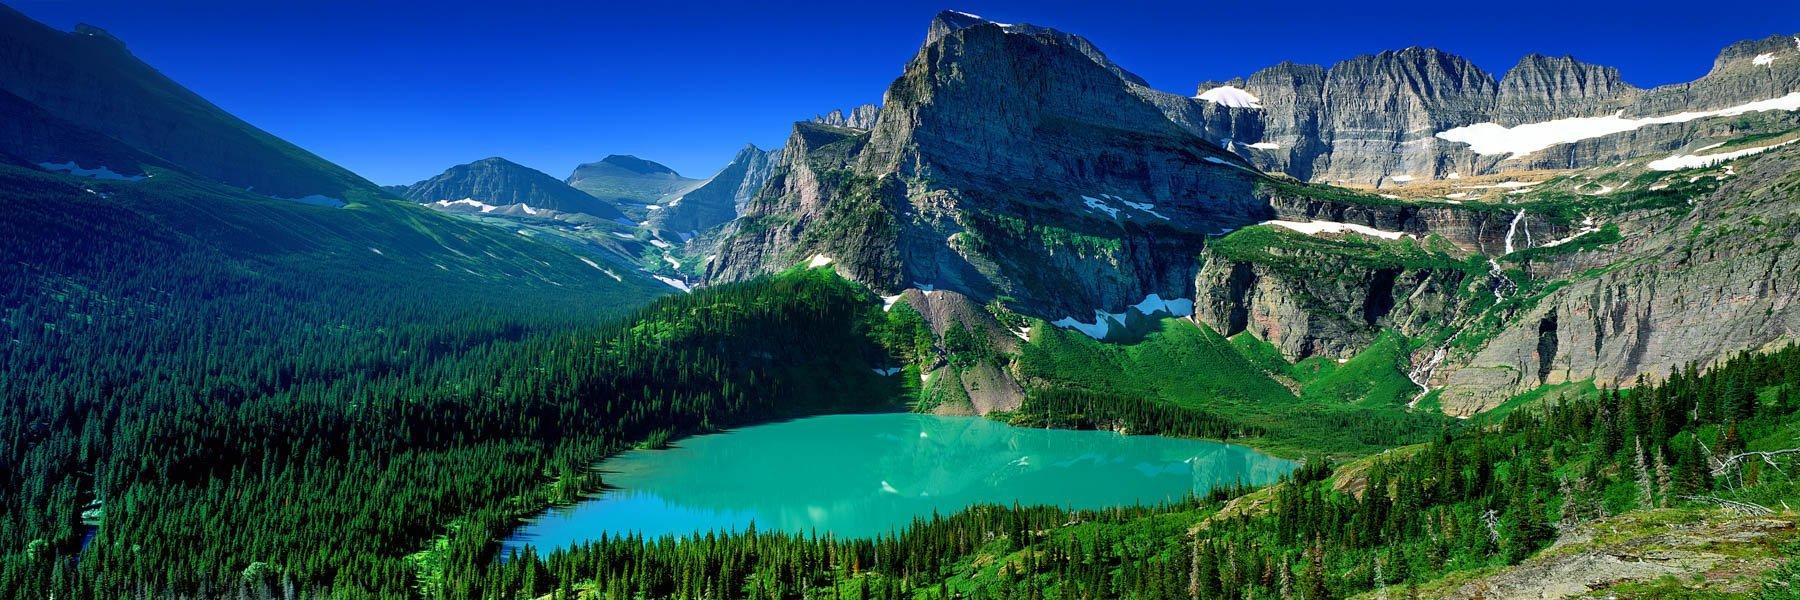 Glacier Lake, Montana, USA.